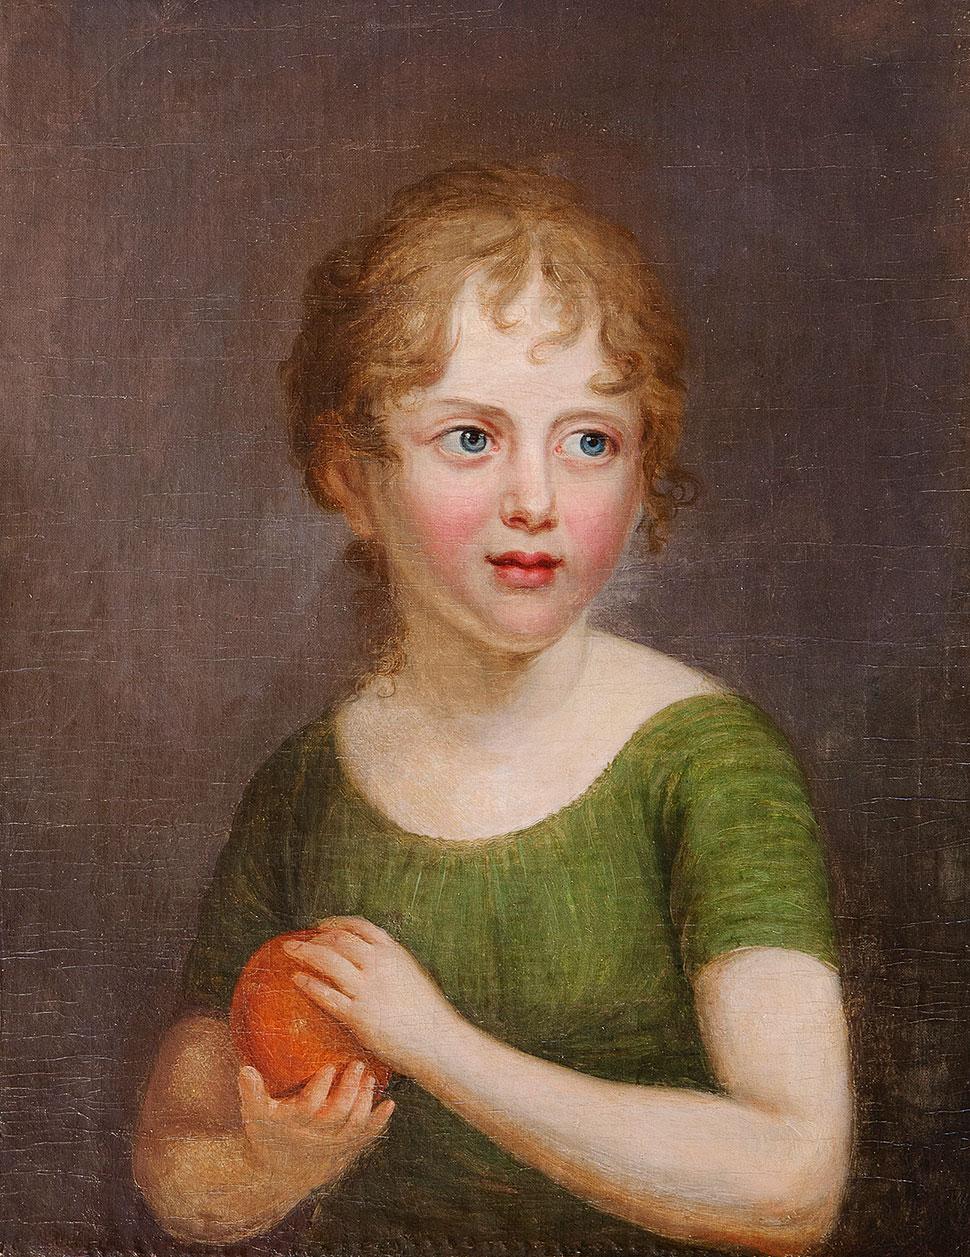 Портрет девочки с апельсином.